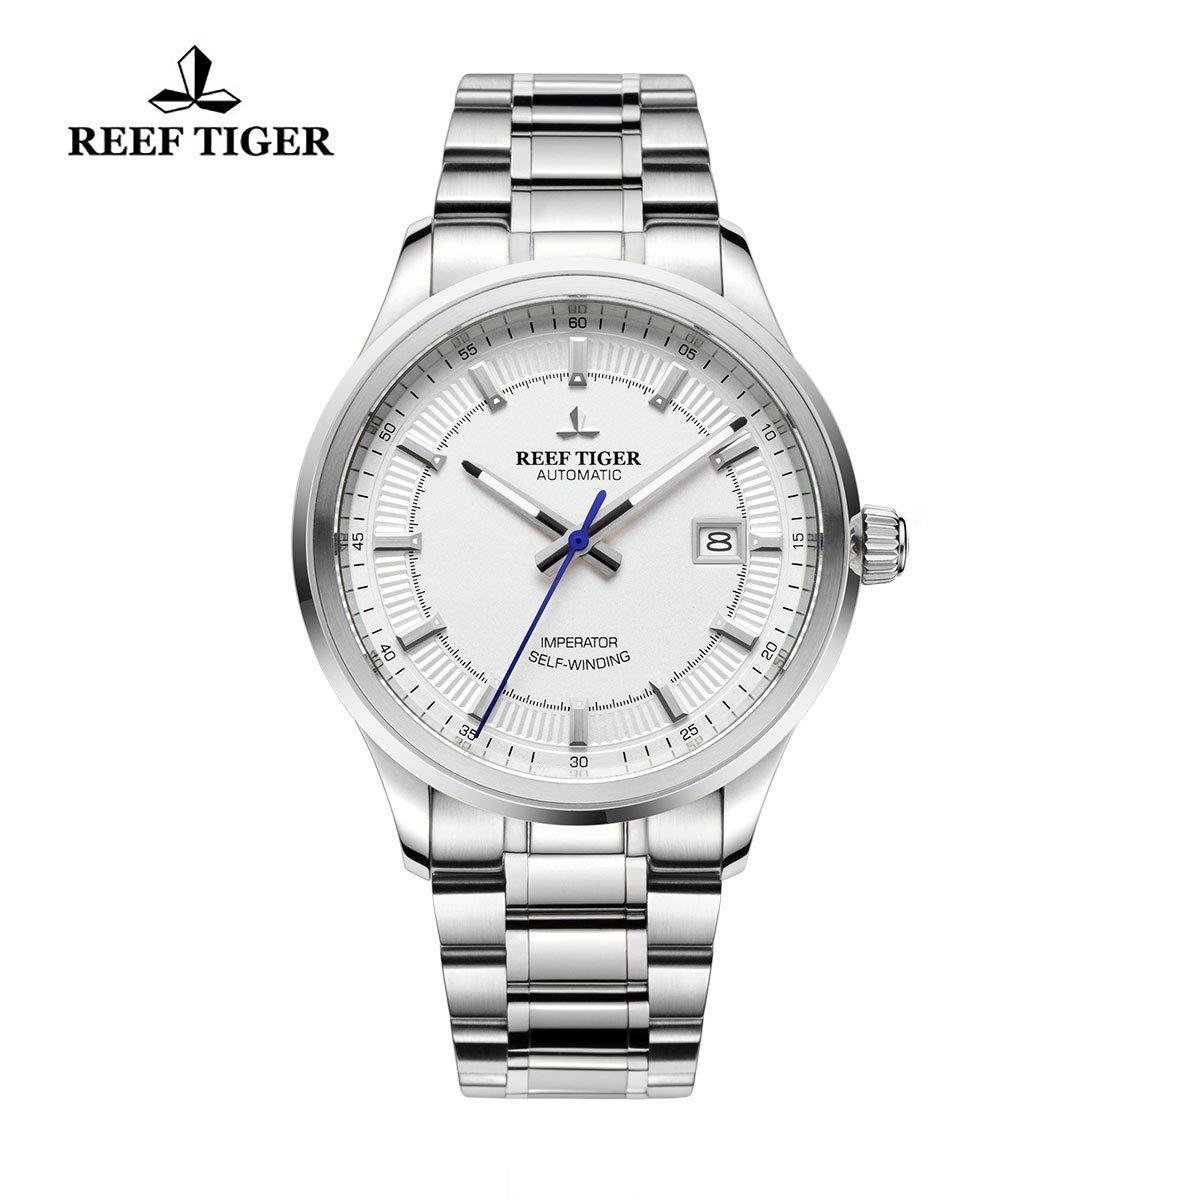 Reef Tiger 自動巻き 日付表示 ビジネス 腕時計 ホワイト RGA8015 B01EMNXFF2